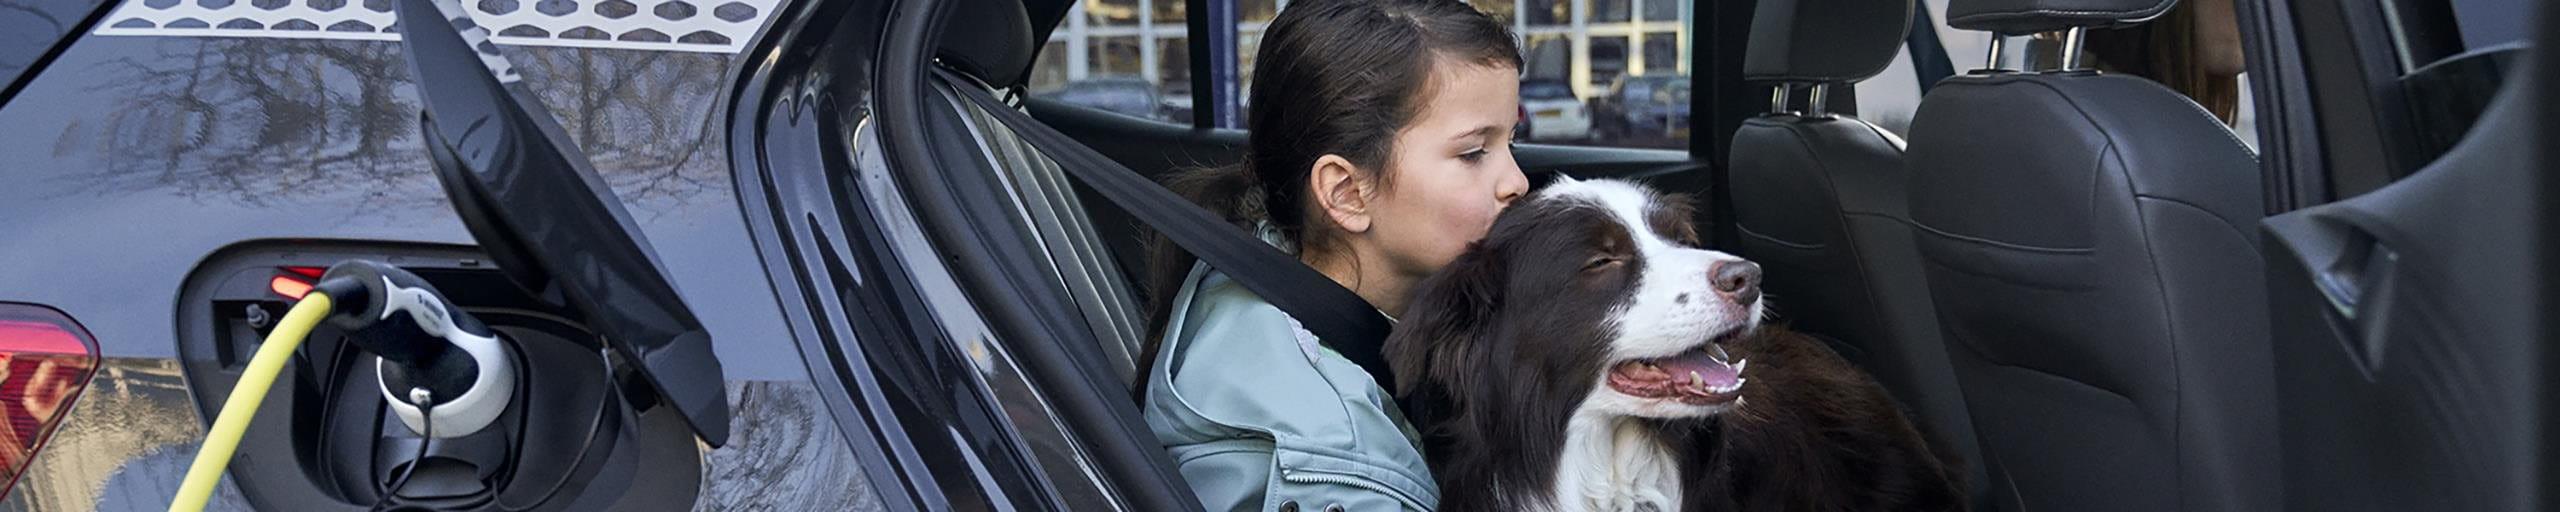 Maedchen kuschelt einen Hund im Auto